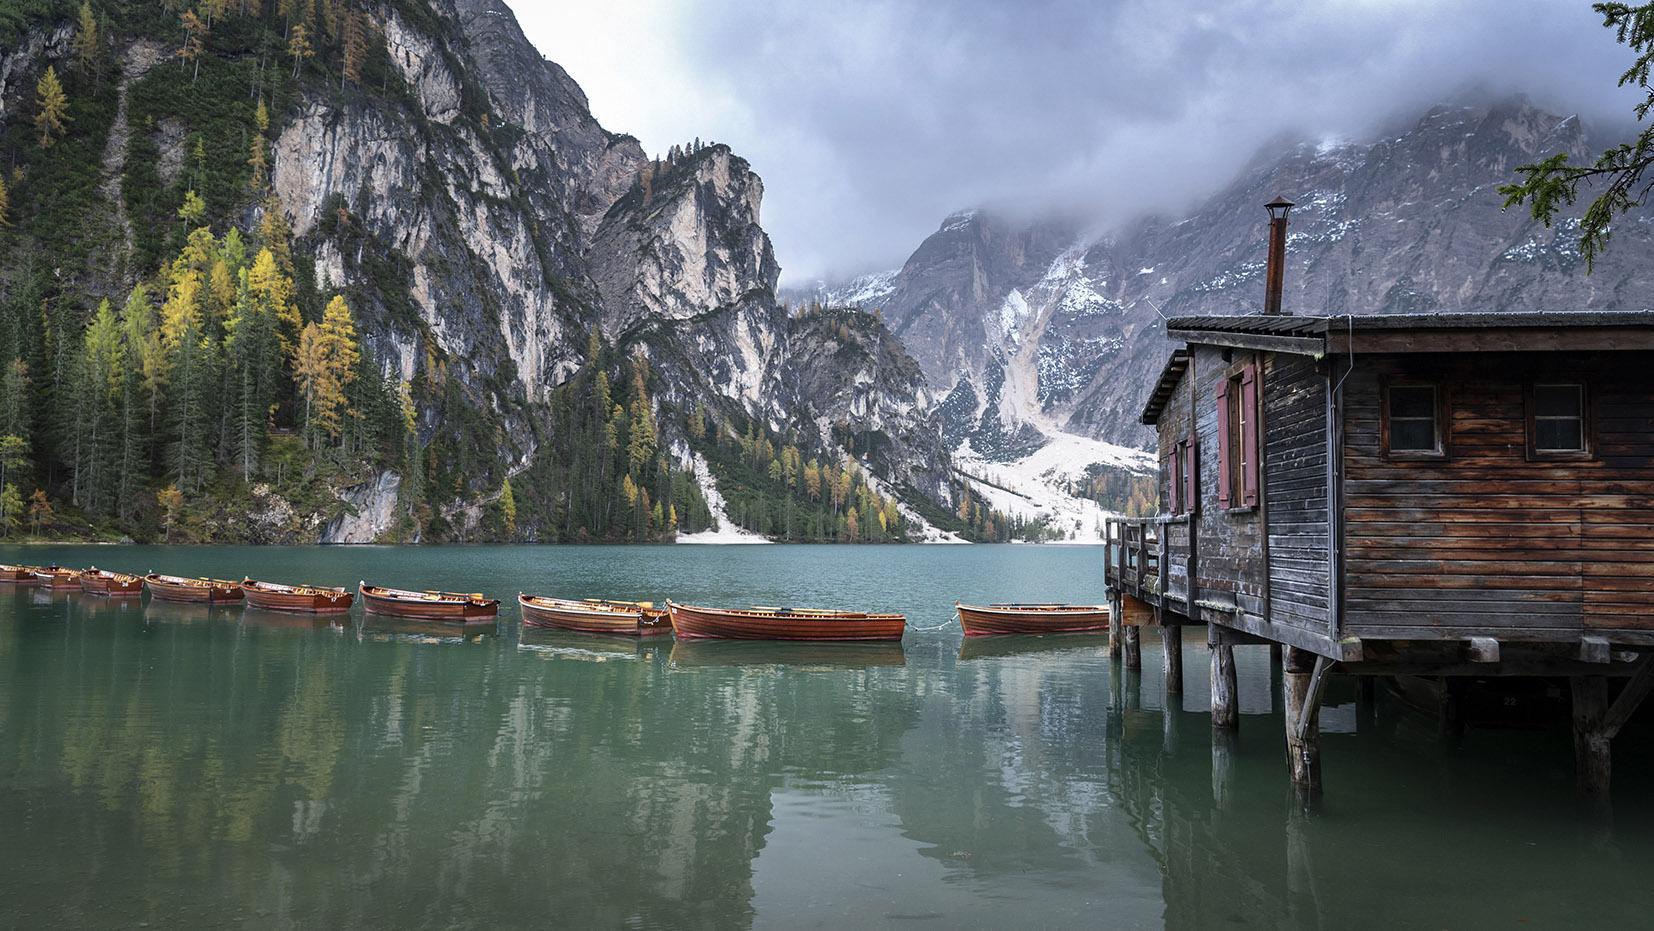 Italie Sud-Tyrol cabane barques oranges lago di Braies eau verte montagnes